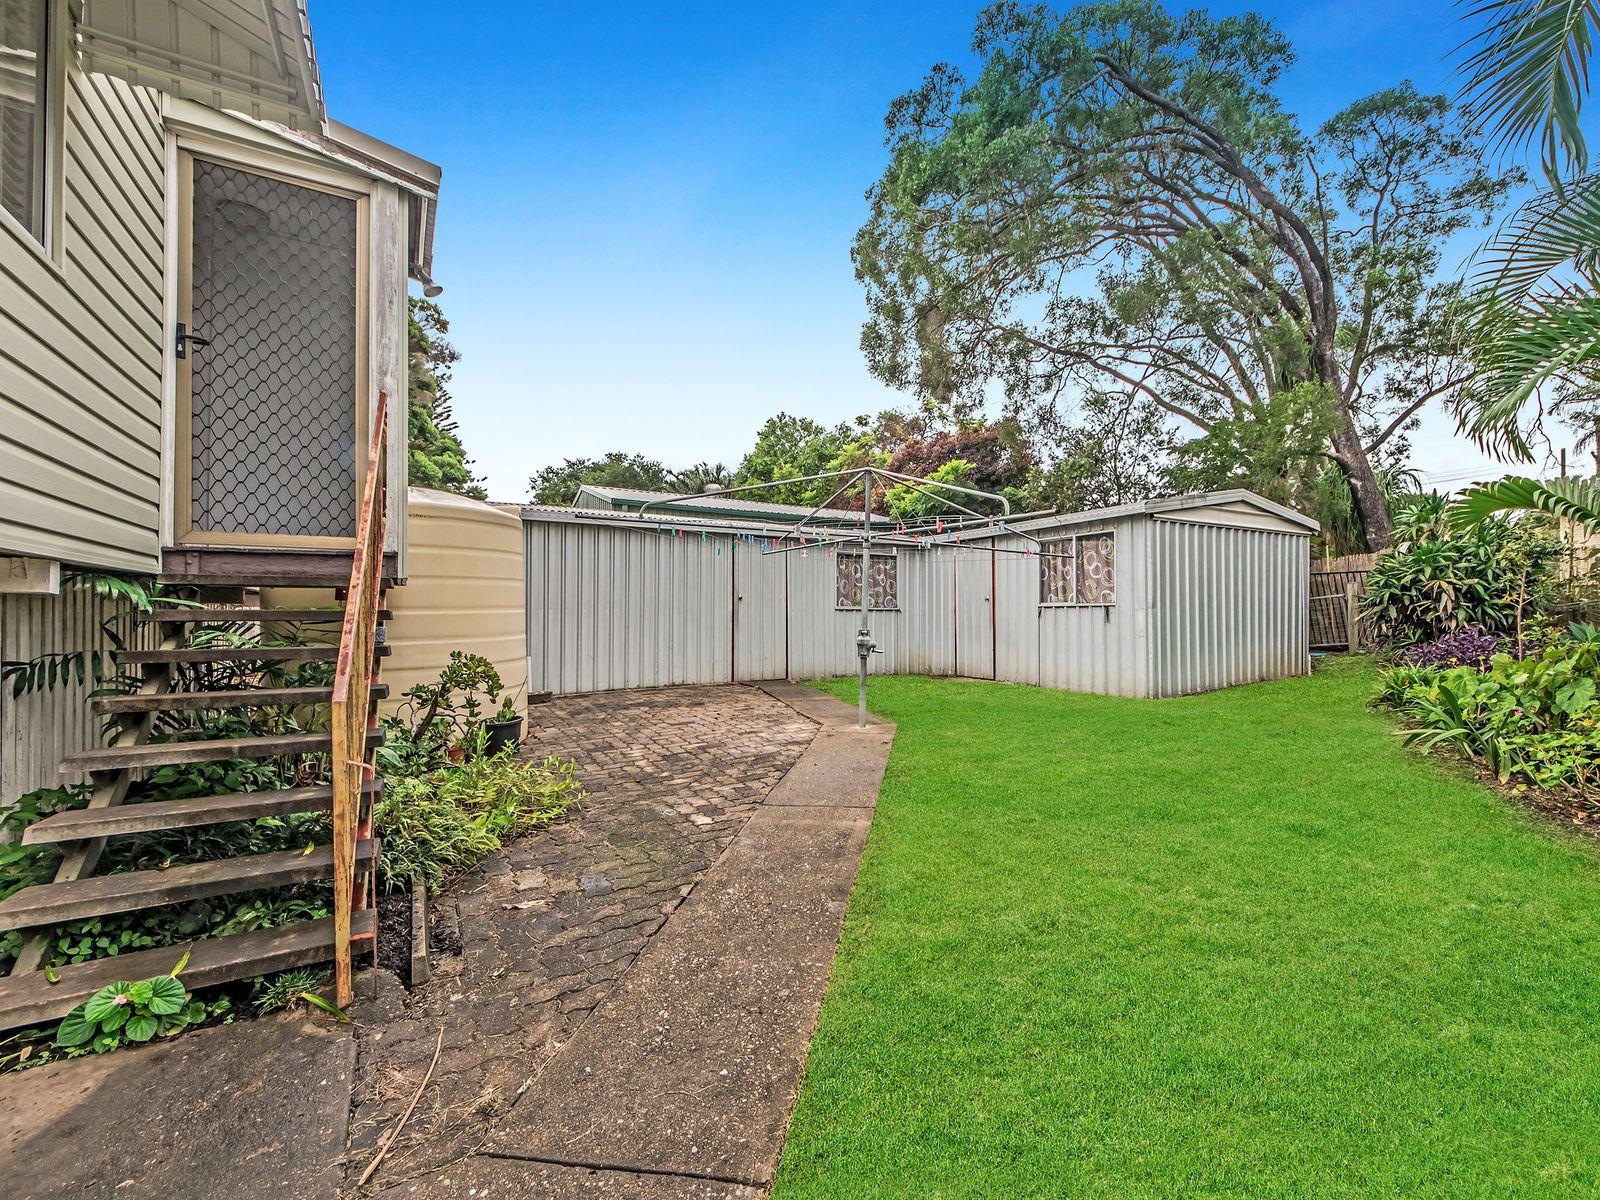 23 Lawson Street, Oxley, QLD 4075